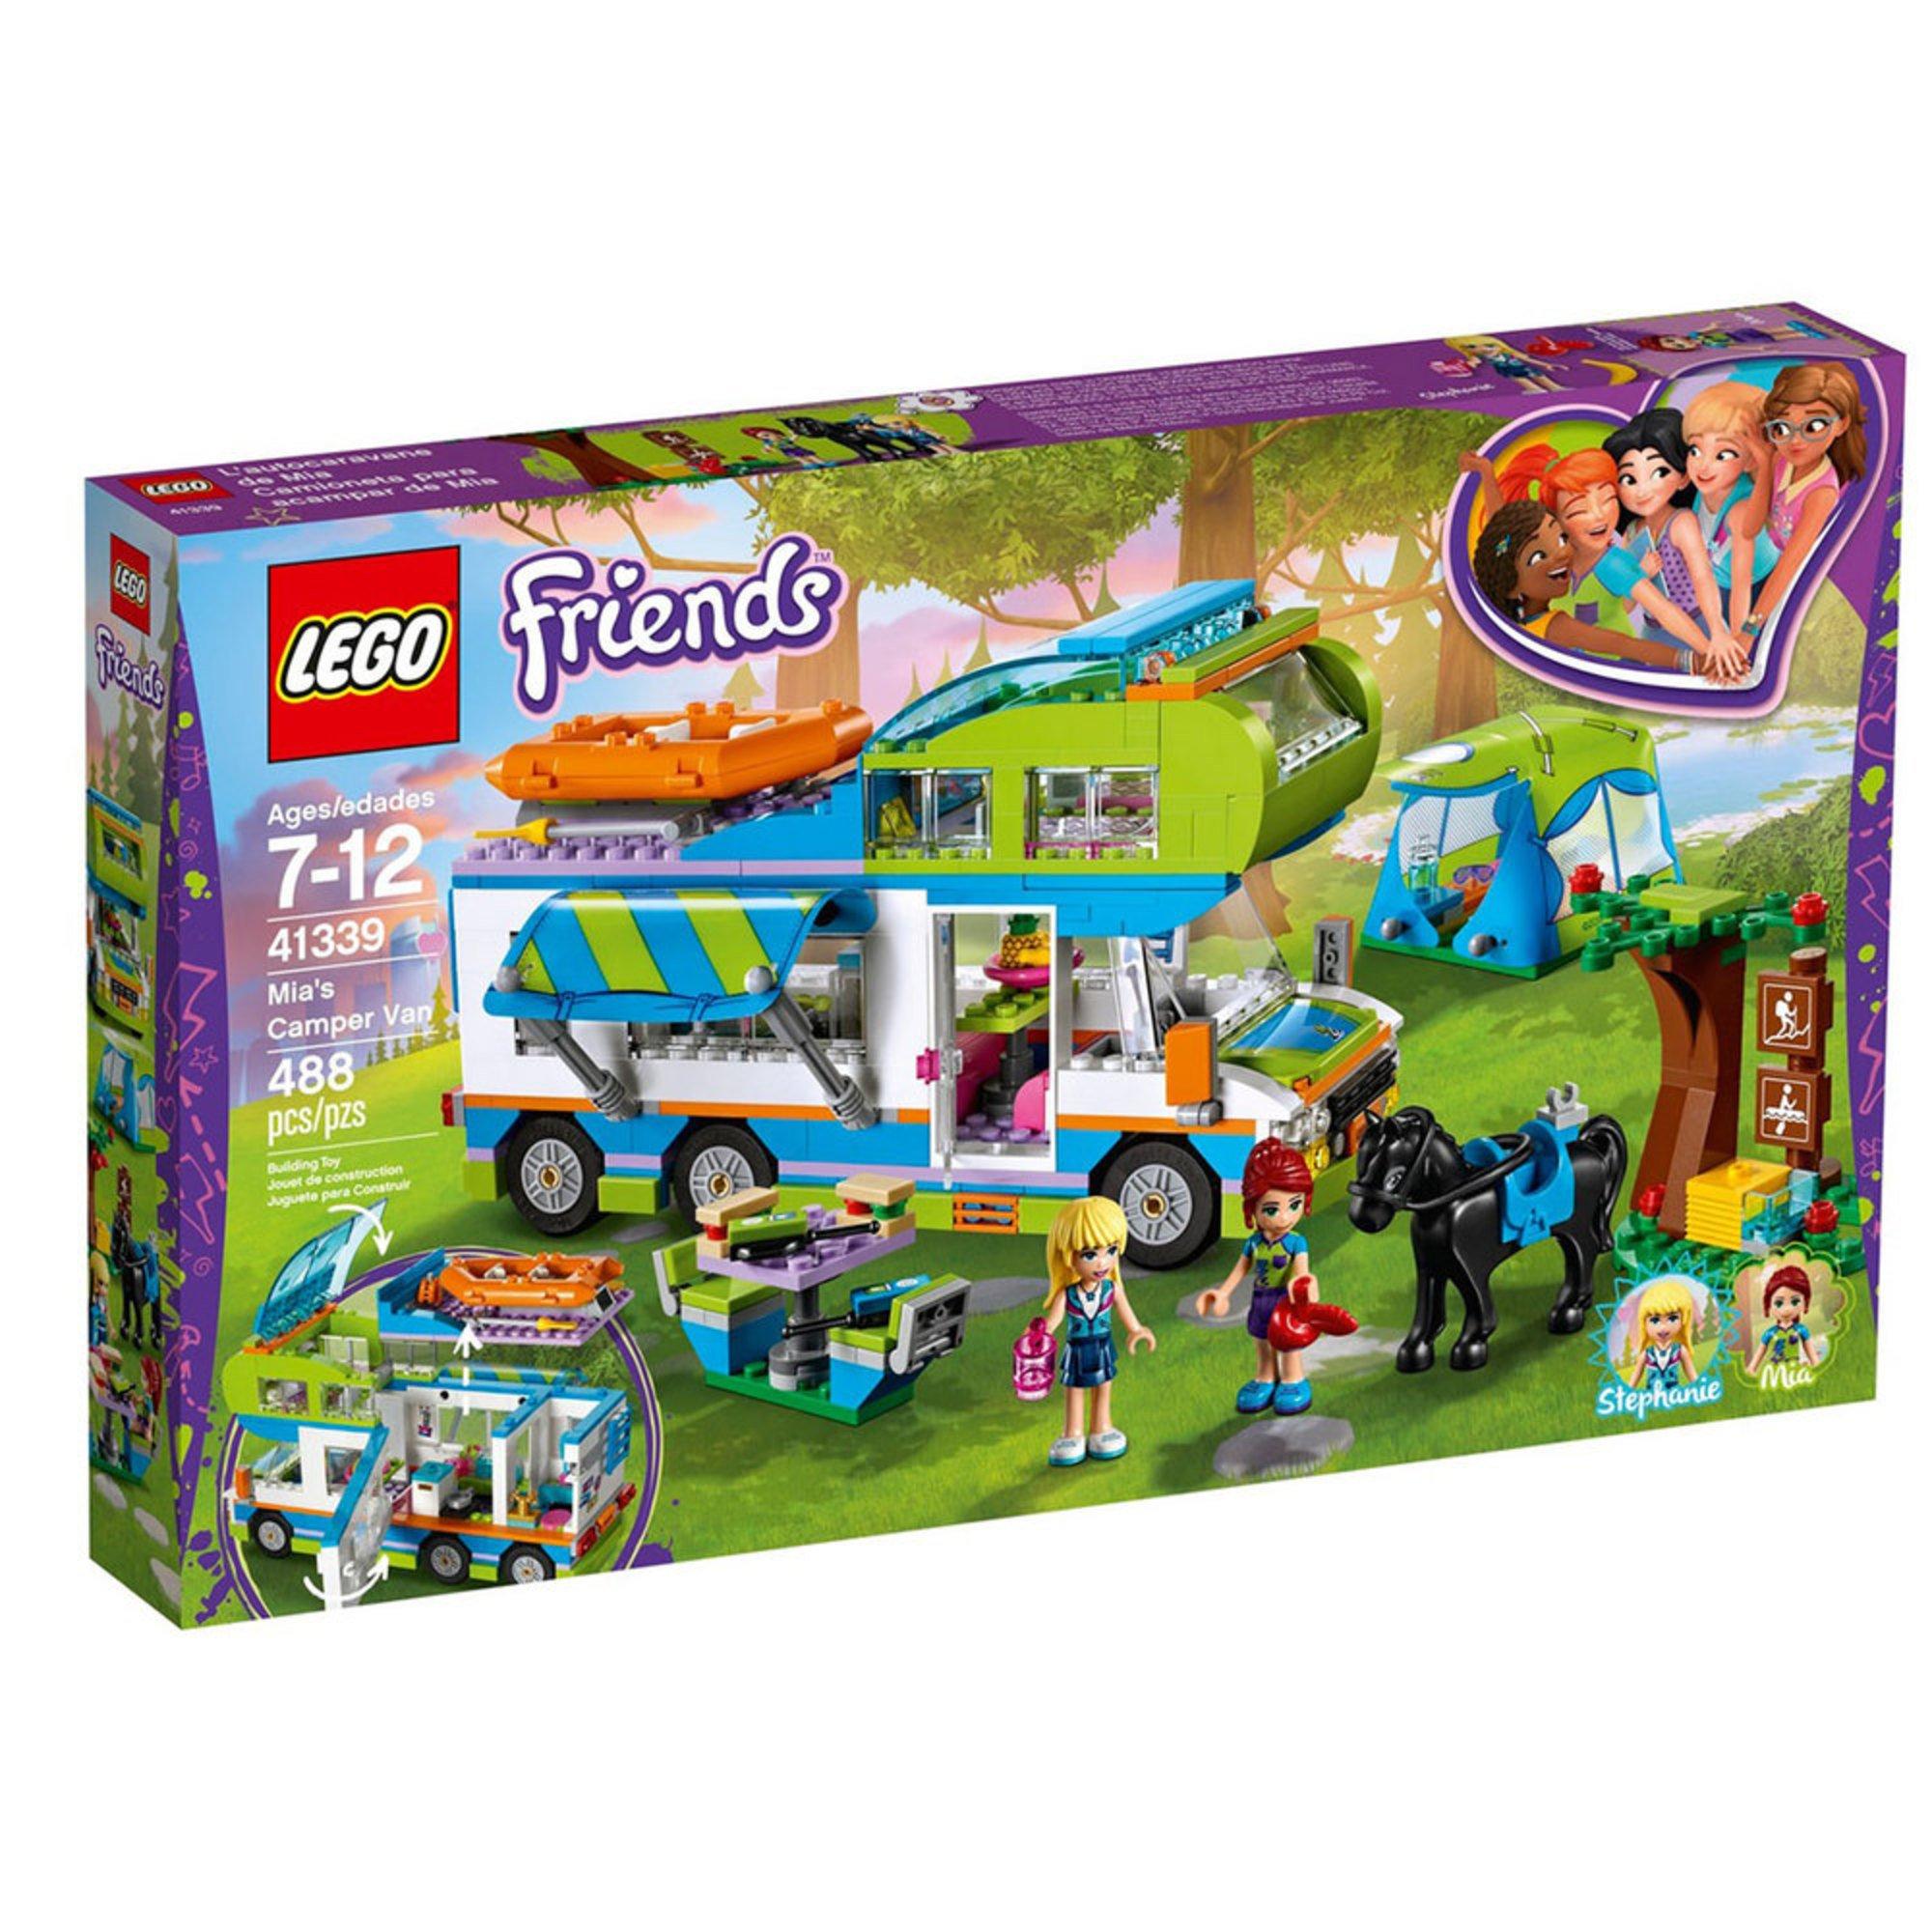 Lego Friends Mia's Camper Van (41339) | Building Sets ...